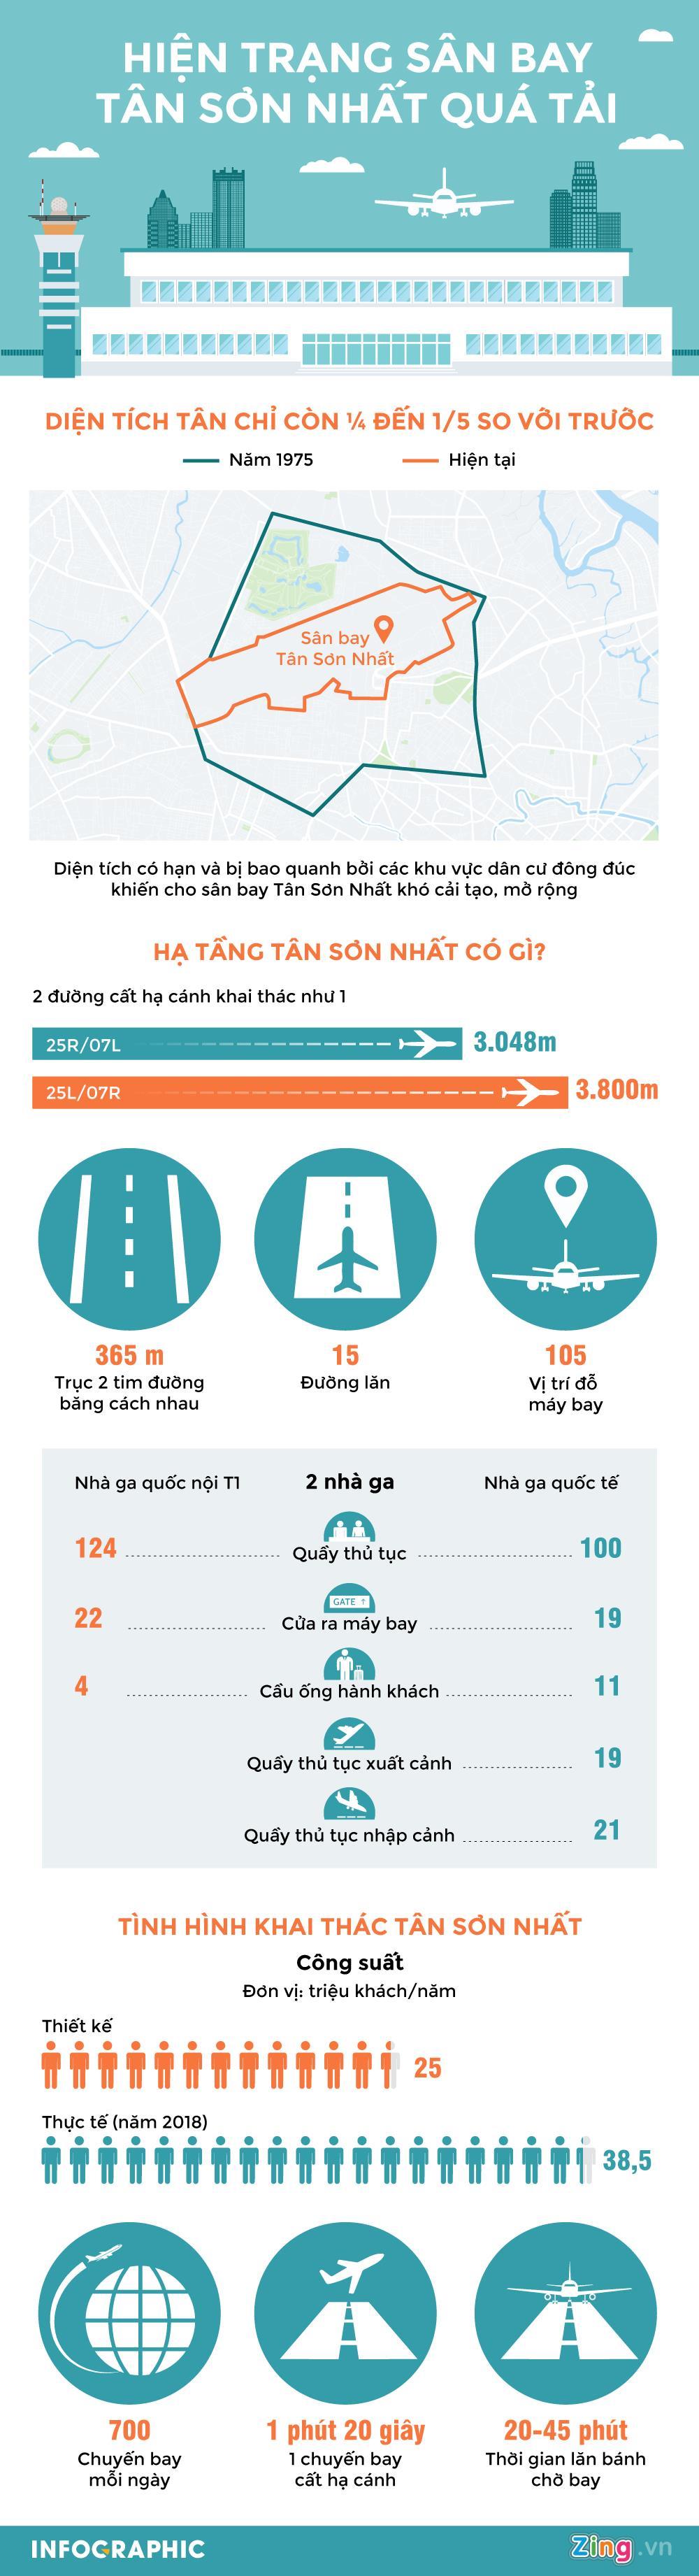 Sân bay Tân Sơn Nhất đang quá tải đến mức nào?